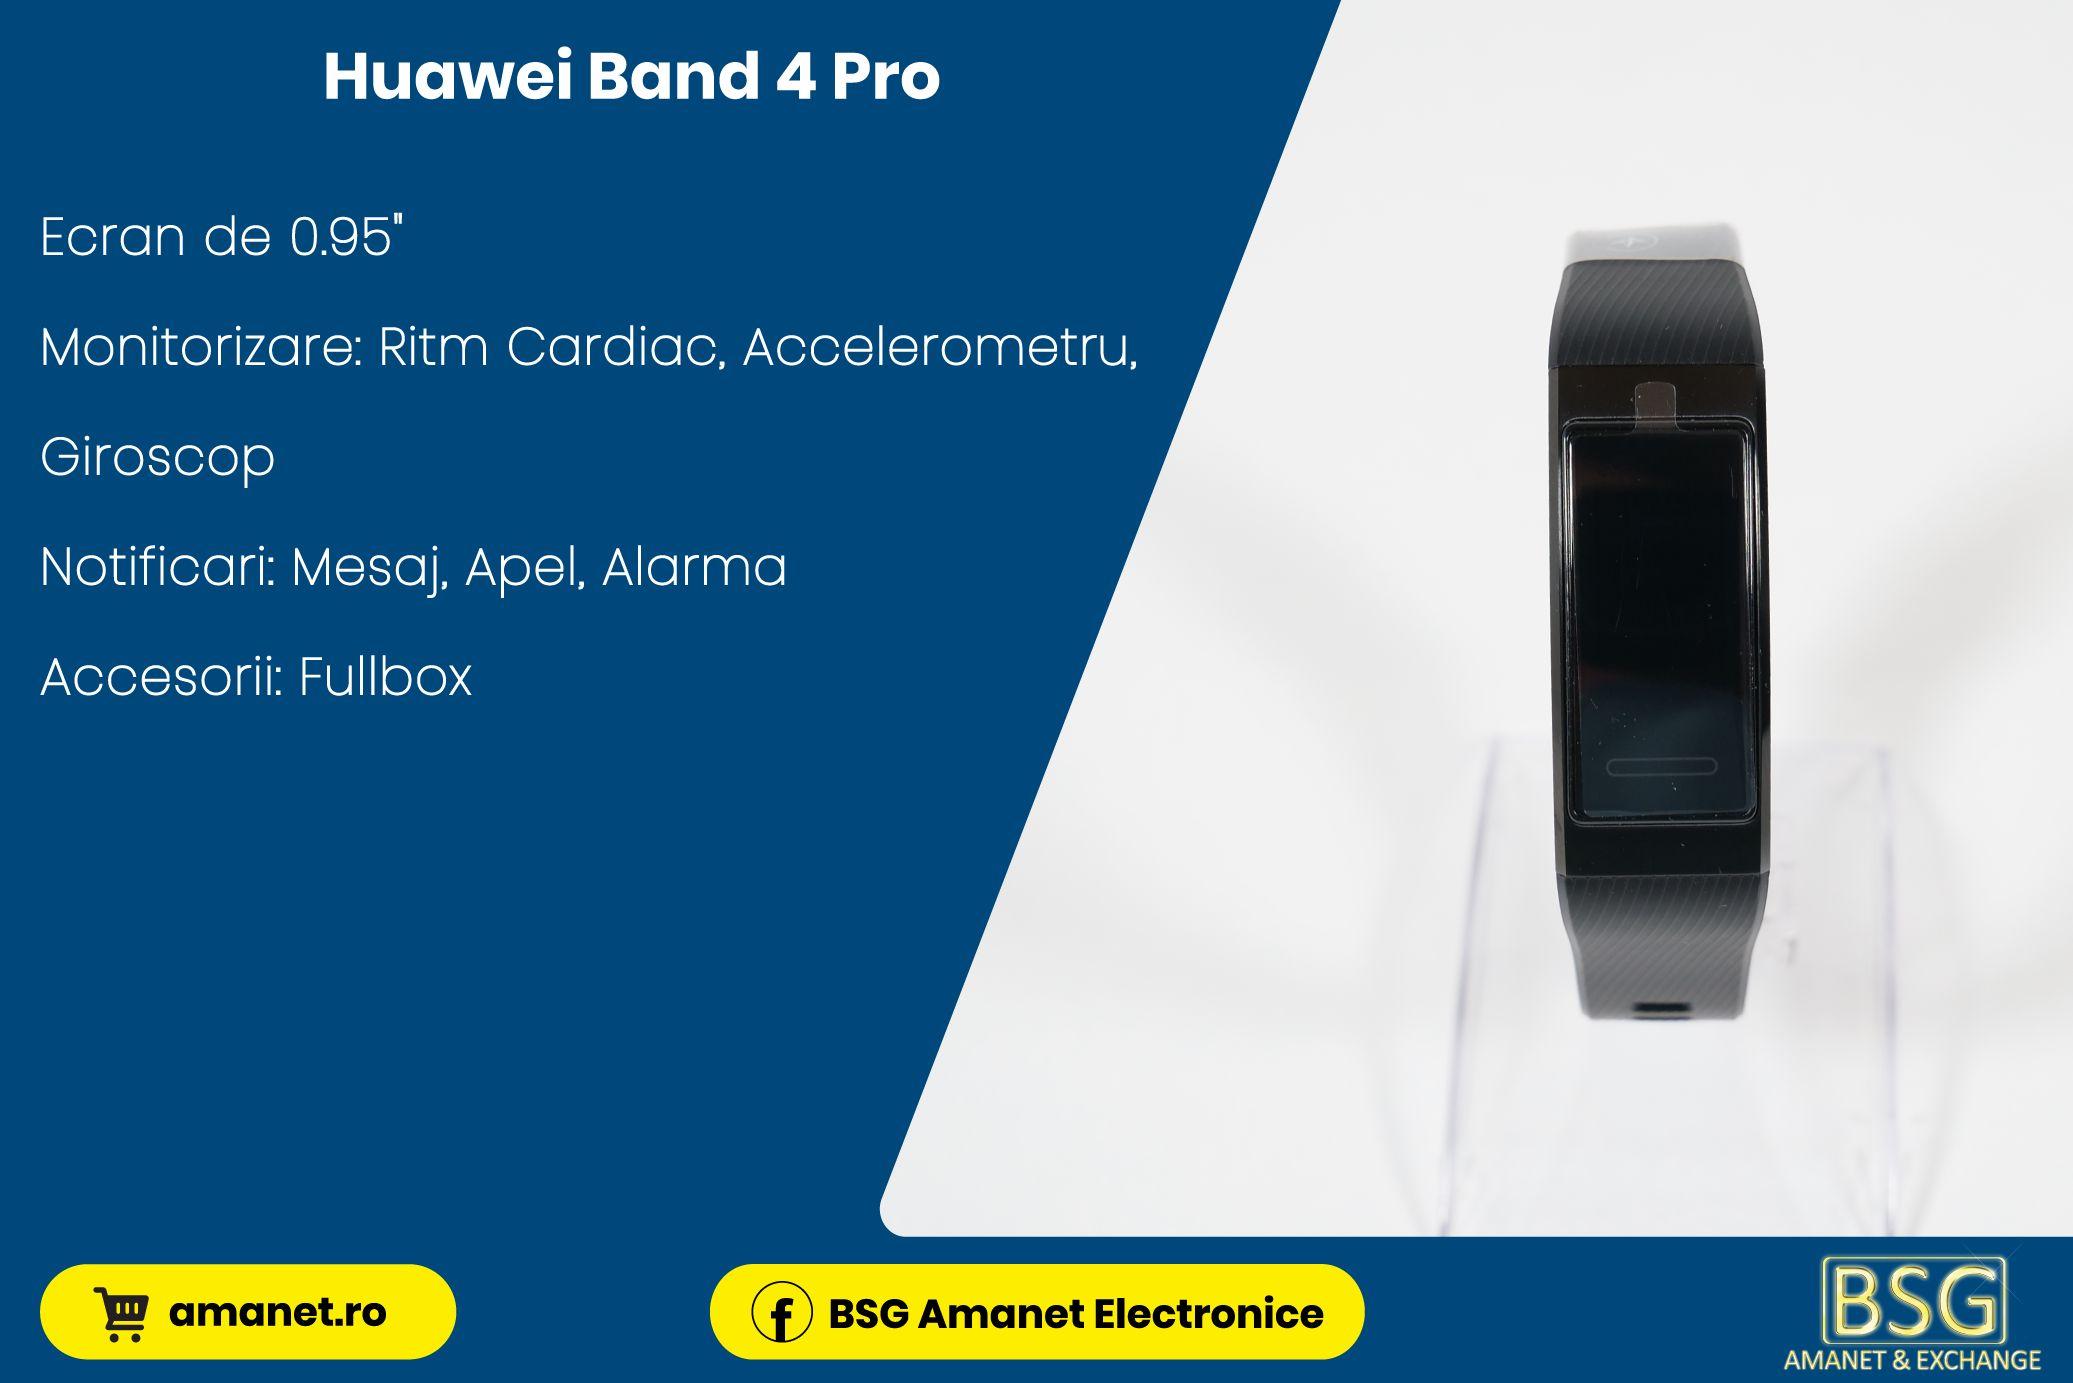 Bratara Fitness Huawei Band 4 Pro - BSG Amanet & Exchange